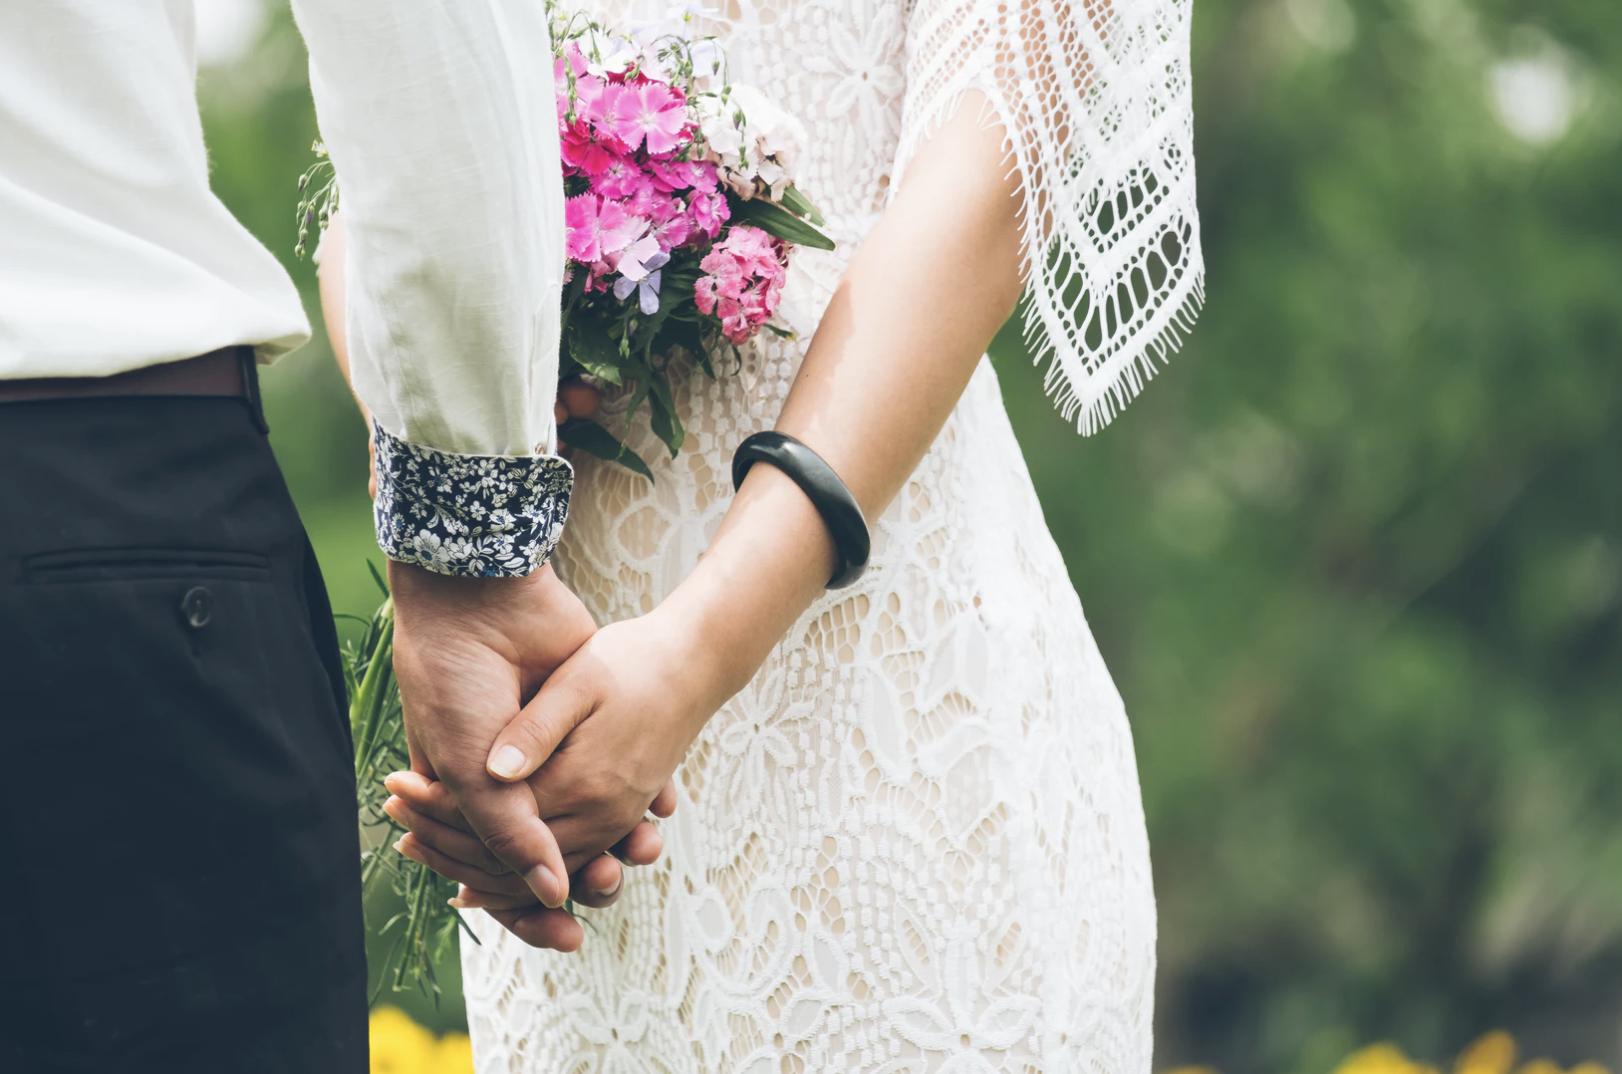 寺内崇幸と結婚した妻(嫁)が美人と話題!